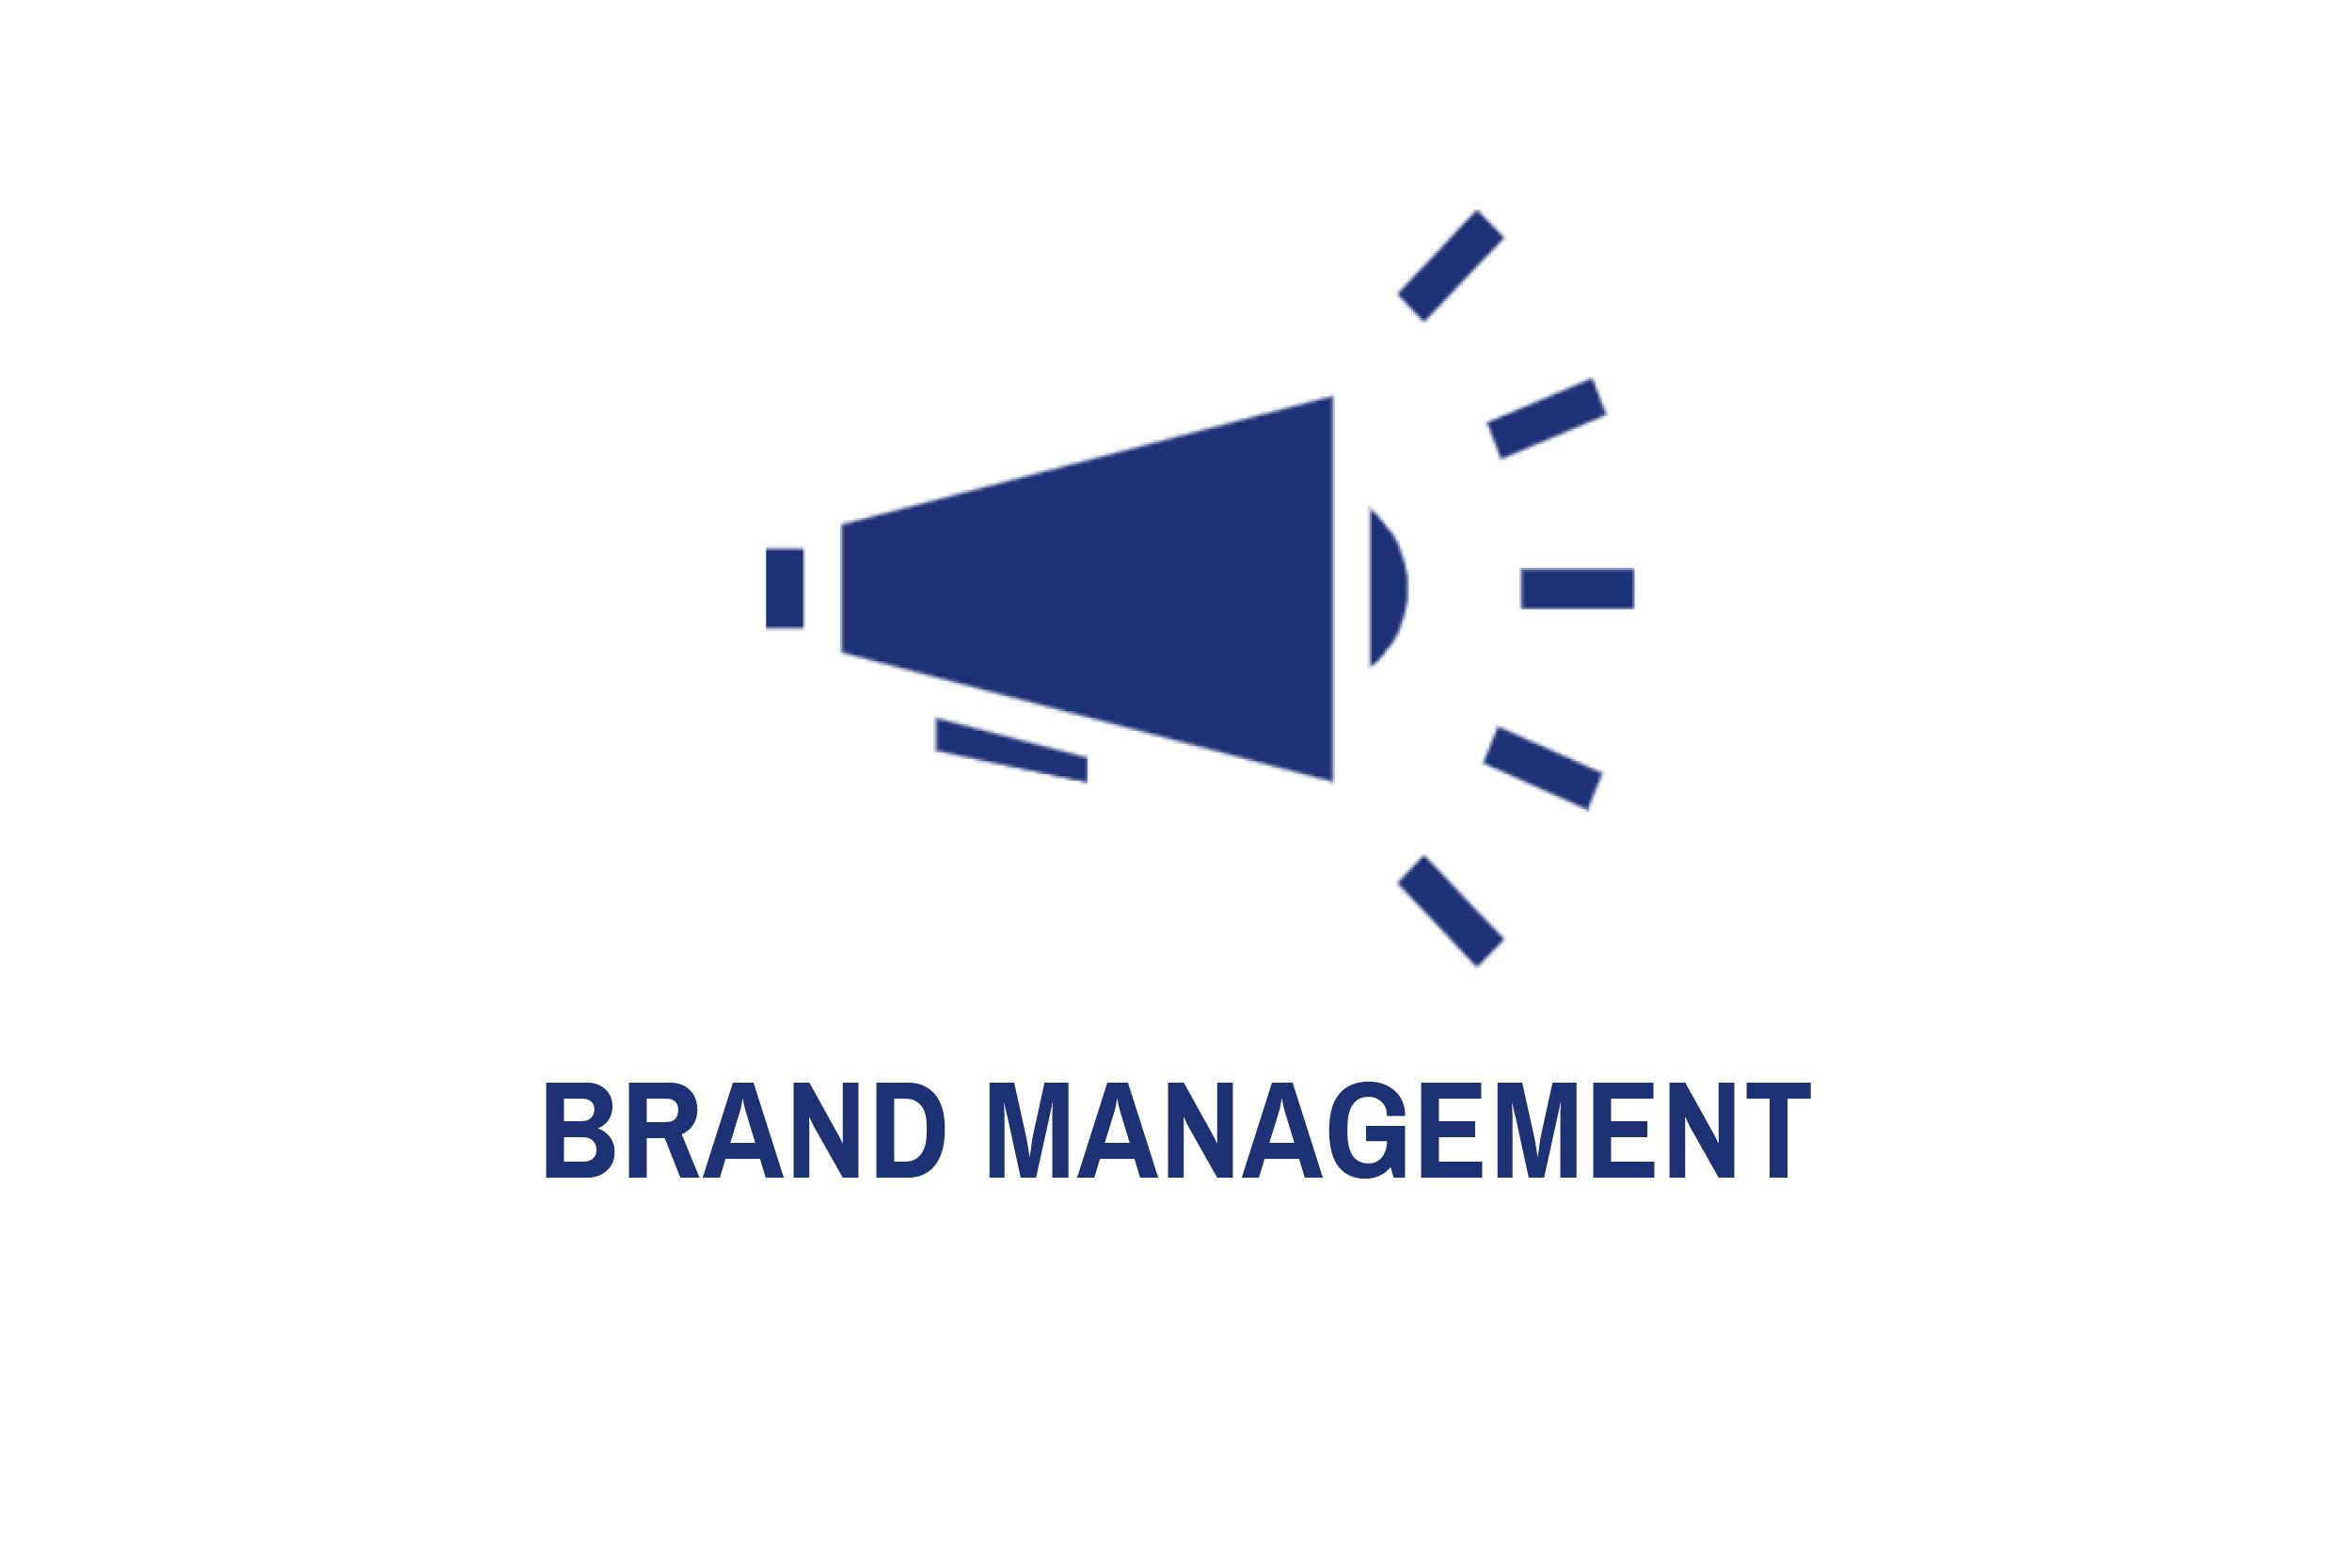 Brand management, eller varumärkeshantering, handlar om att styra, upprätthålla och förbättra ditt företags varumärke. Ett starkt varumärke ger lägre priskänslighet, stoltare medarbetare och fler återkommande kunder. Vi hjälper dig därför med  employer branding  såväl som  corporate branding . Detta genom tjänster som  varumärkespositionering ,  storytelling ,  lansering ,  målgruppsanalys , samt  event-  och  influencer marketing .   Denna typ av projekt utförs oftast ihop med affärsbenet     management    .